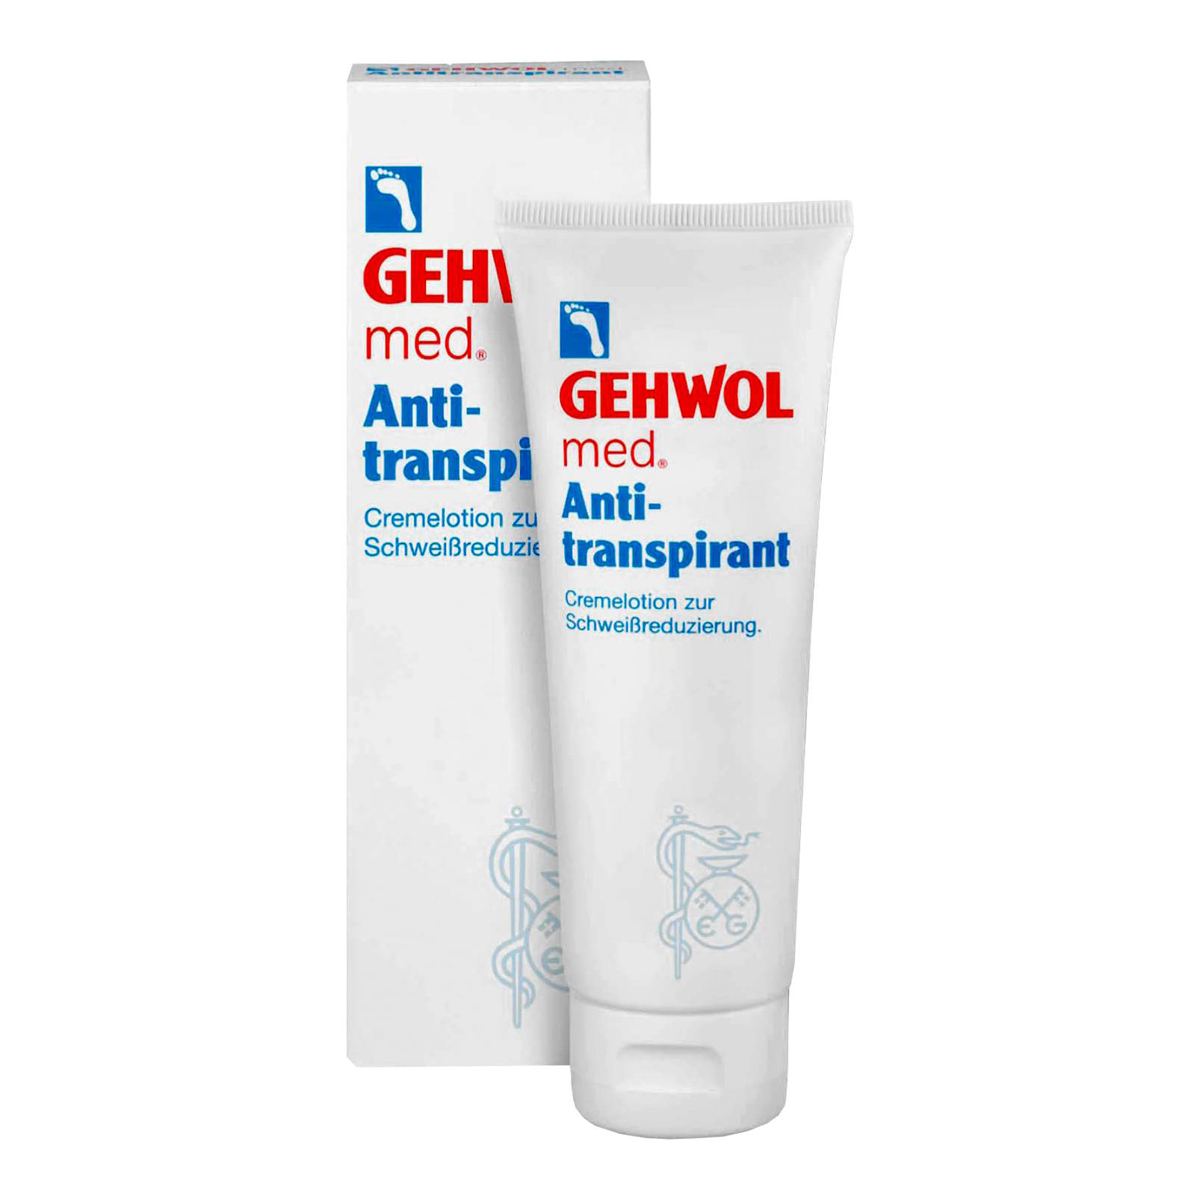 Gehwol Anti-Transpirant - Крем-лосьон антиперспирант для ног 125 мл02011201Крем-лосьон Антиперспирант (Gehwol Anti-Transpirant) идеальное средство для решения проблемы потоотделения. Регулярное ежедневное применение крем-лосьона регулирует выделение пота, предотвращает появление неприятного запаха и возникновения зуда между пальцами.Активные компоненты в составе Антиперспиранта обеспечивают коже ног комплексный уход - алое вера, масло авокадо и глицерин питают кожу, придавая ей мягкость и эластичность. Сочетаниие гидроксихлорида алюминия и цинка рицинолеата уменьшает интенсивность потоотделения и устраняет неприятный запах на продолжительное время.